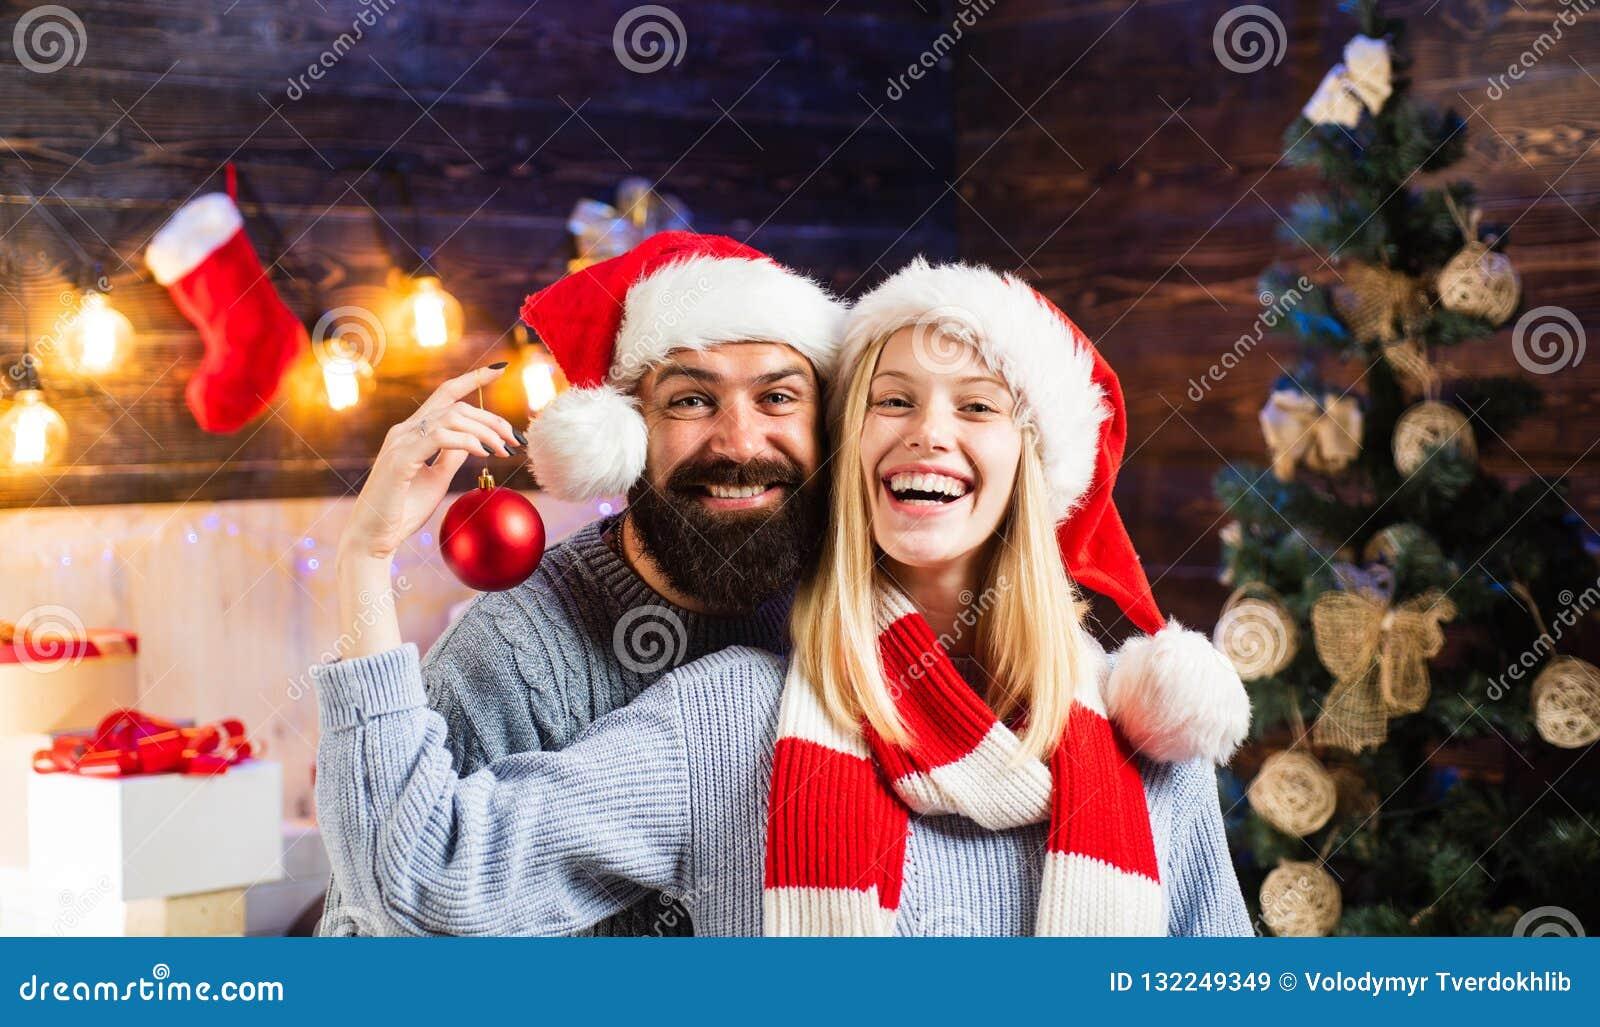 Frohe Weihnachten Familie.Liebevolle Familie Frohe Weihnachten Und Guten Rutsch Ins Neue Jahr